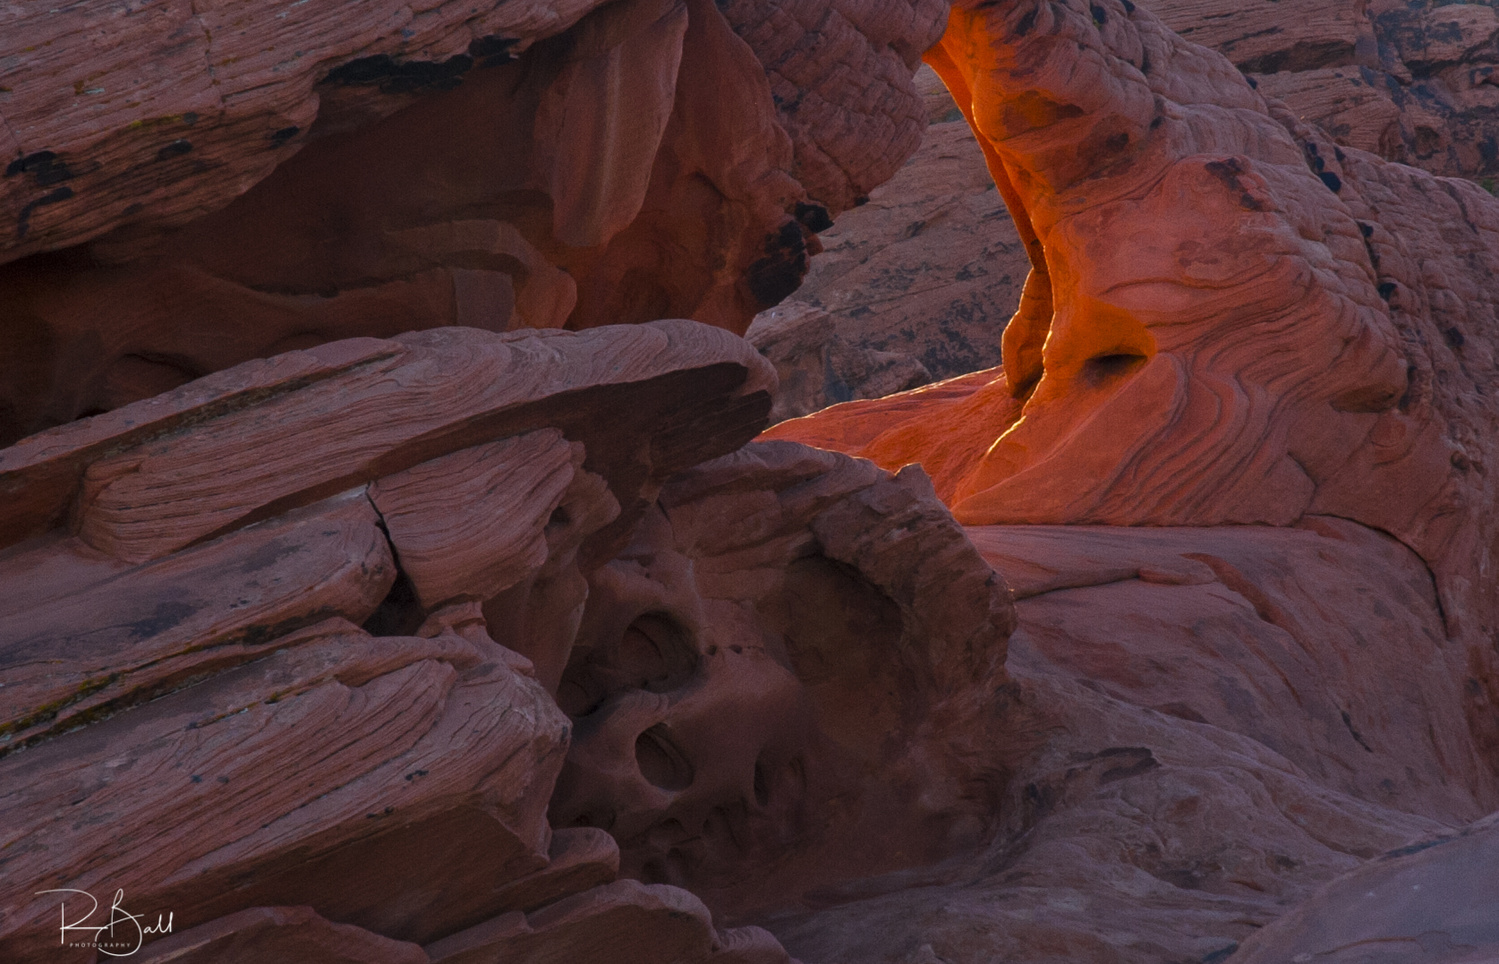 Desert Glow by robert ball